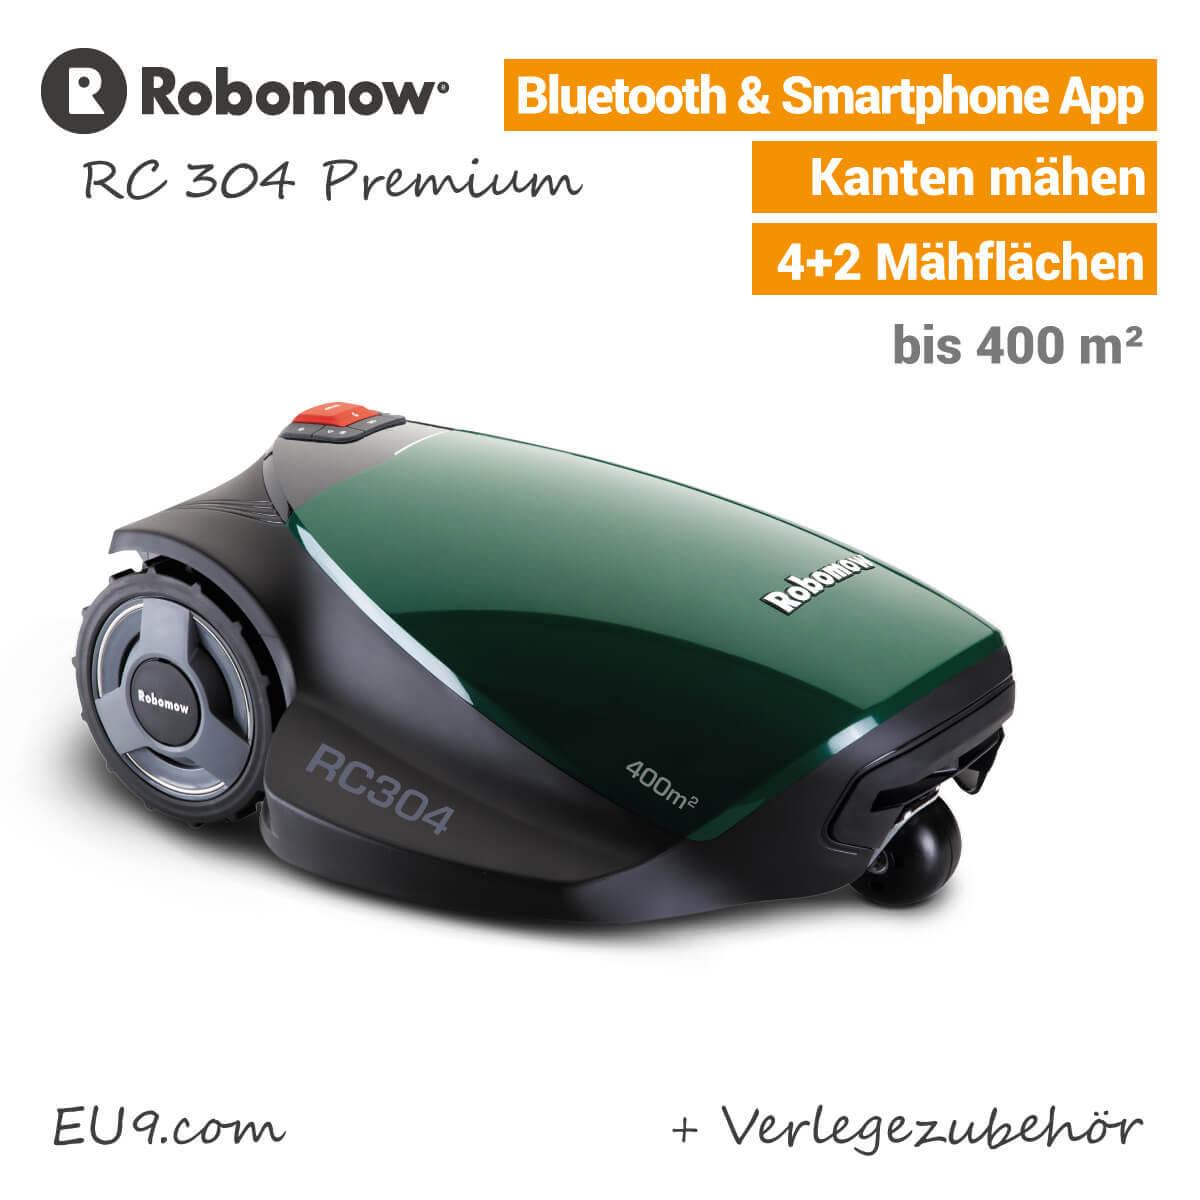 robomow rc304 rasenroboter bei eu9 robotics kaufen. Black Bedroom Furniture Sets. Home Design Ideas